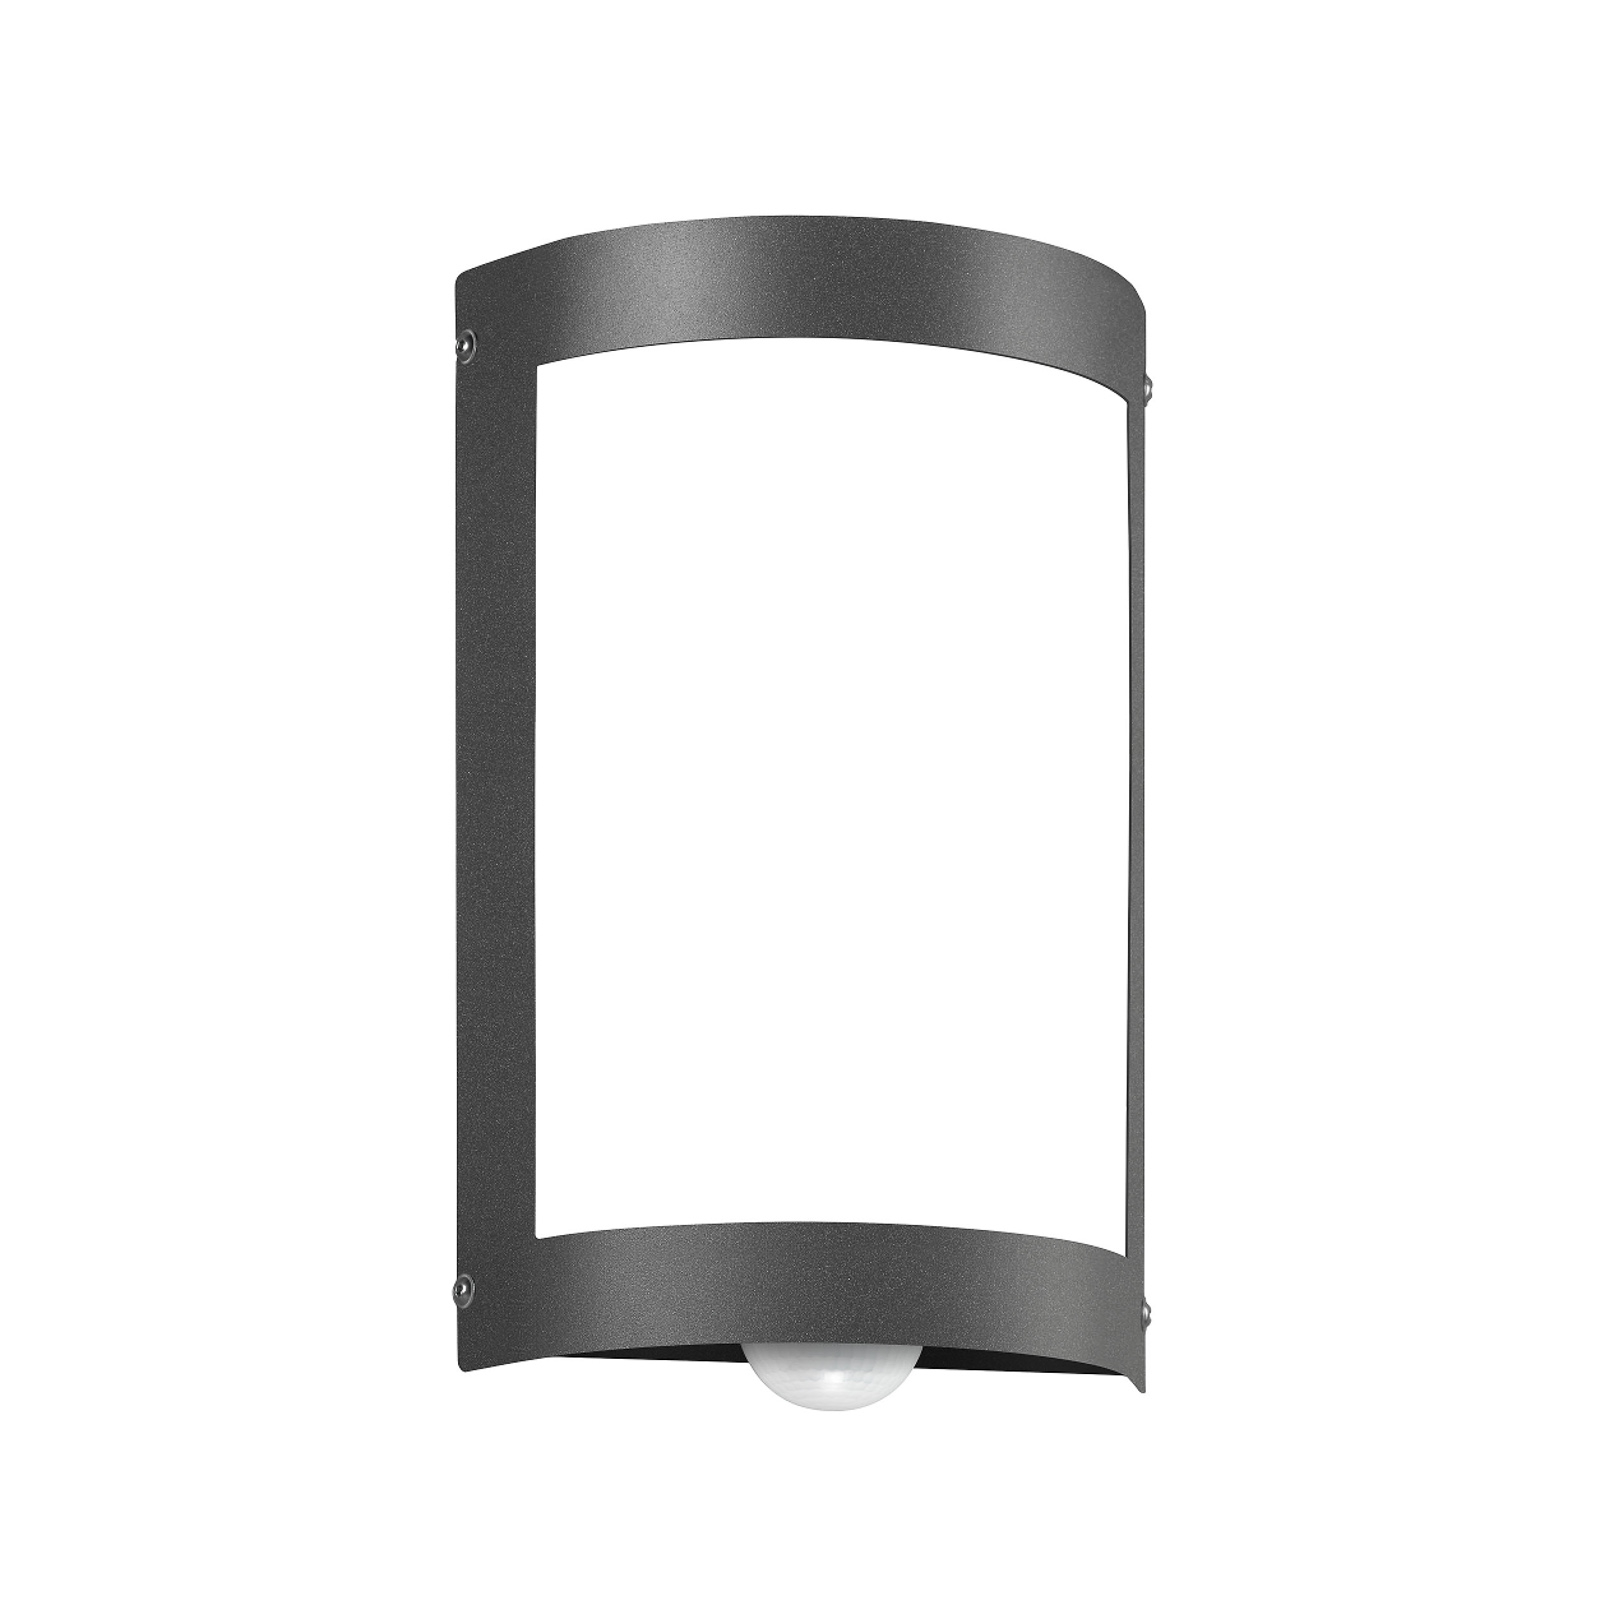 Lampa zewnętrzna Aqua Marco bez rastra antracyt